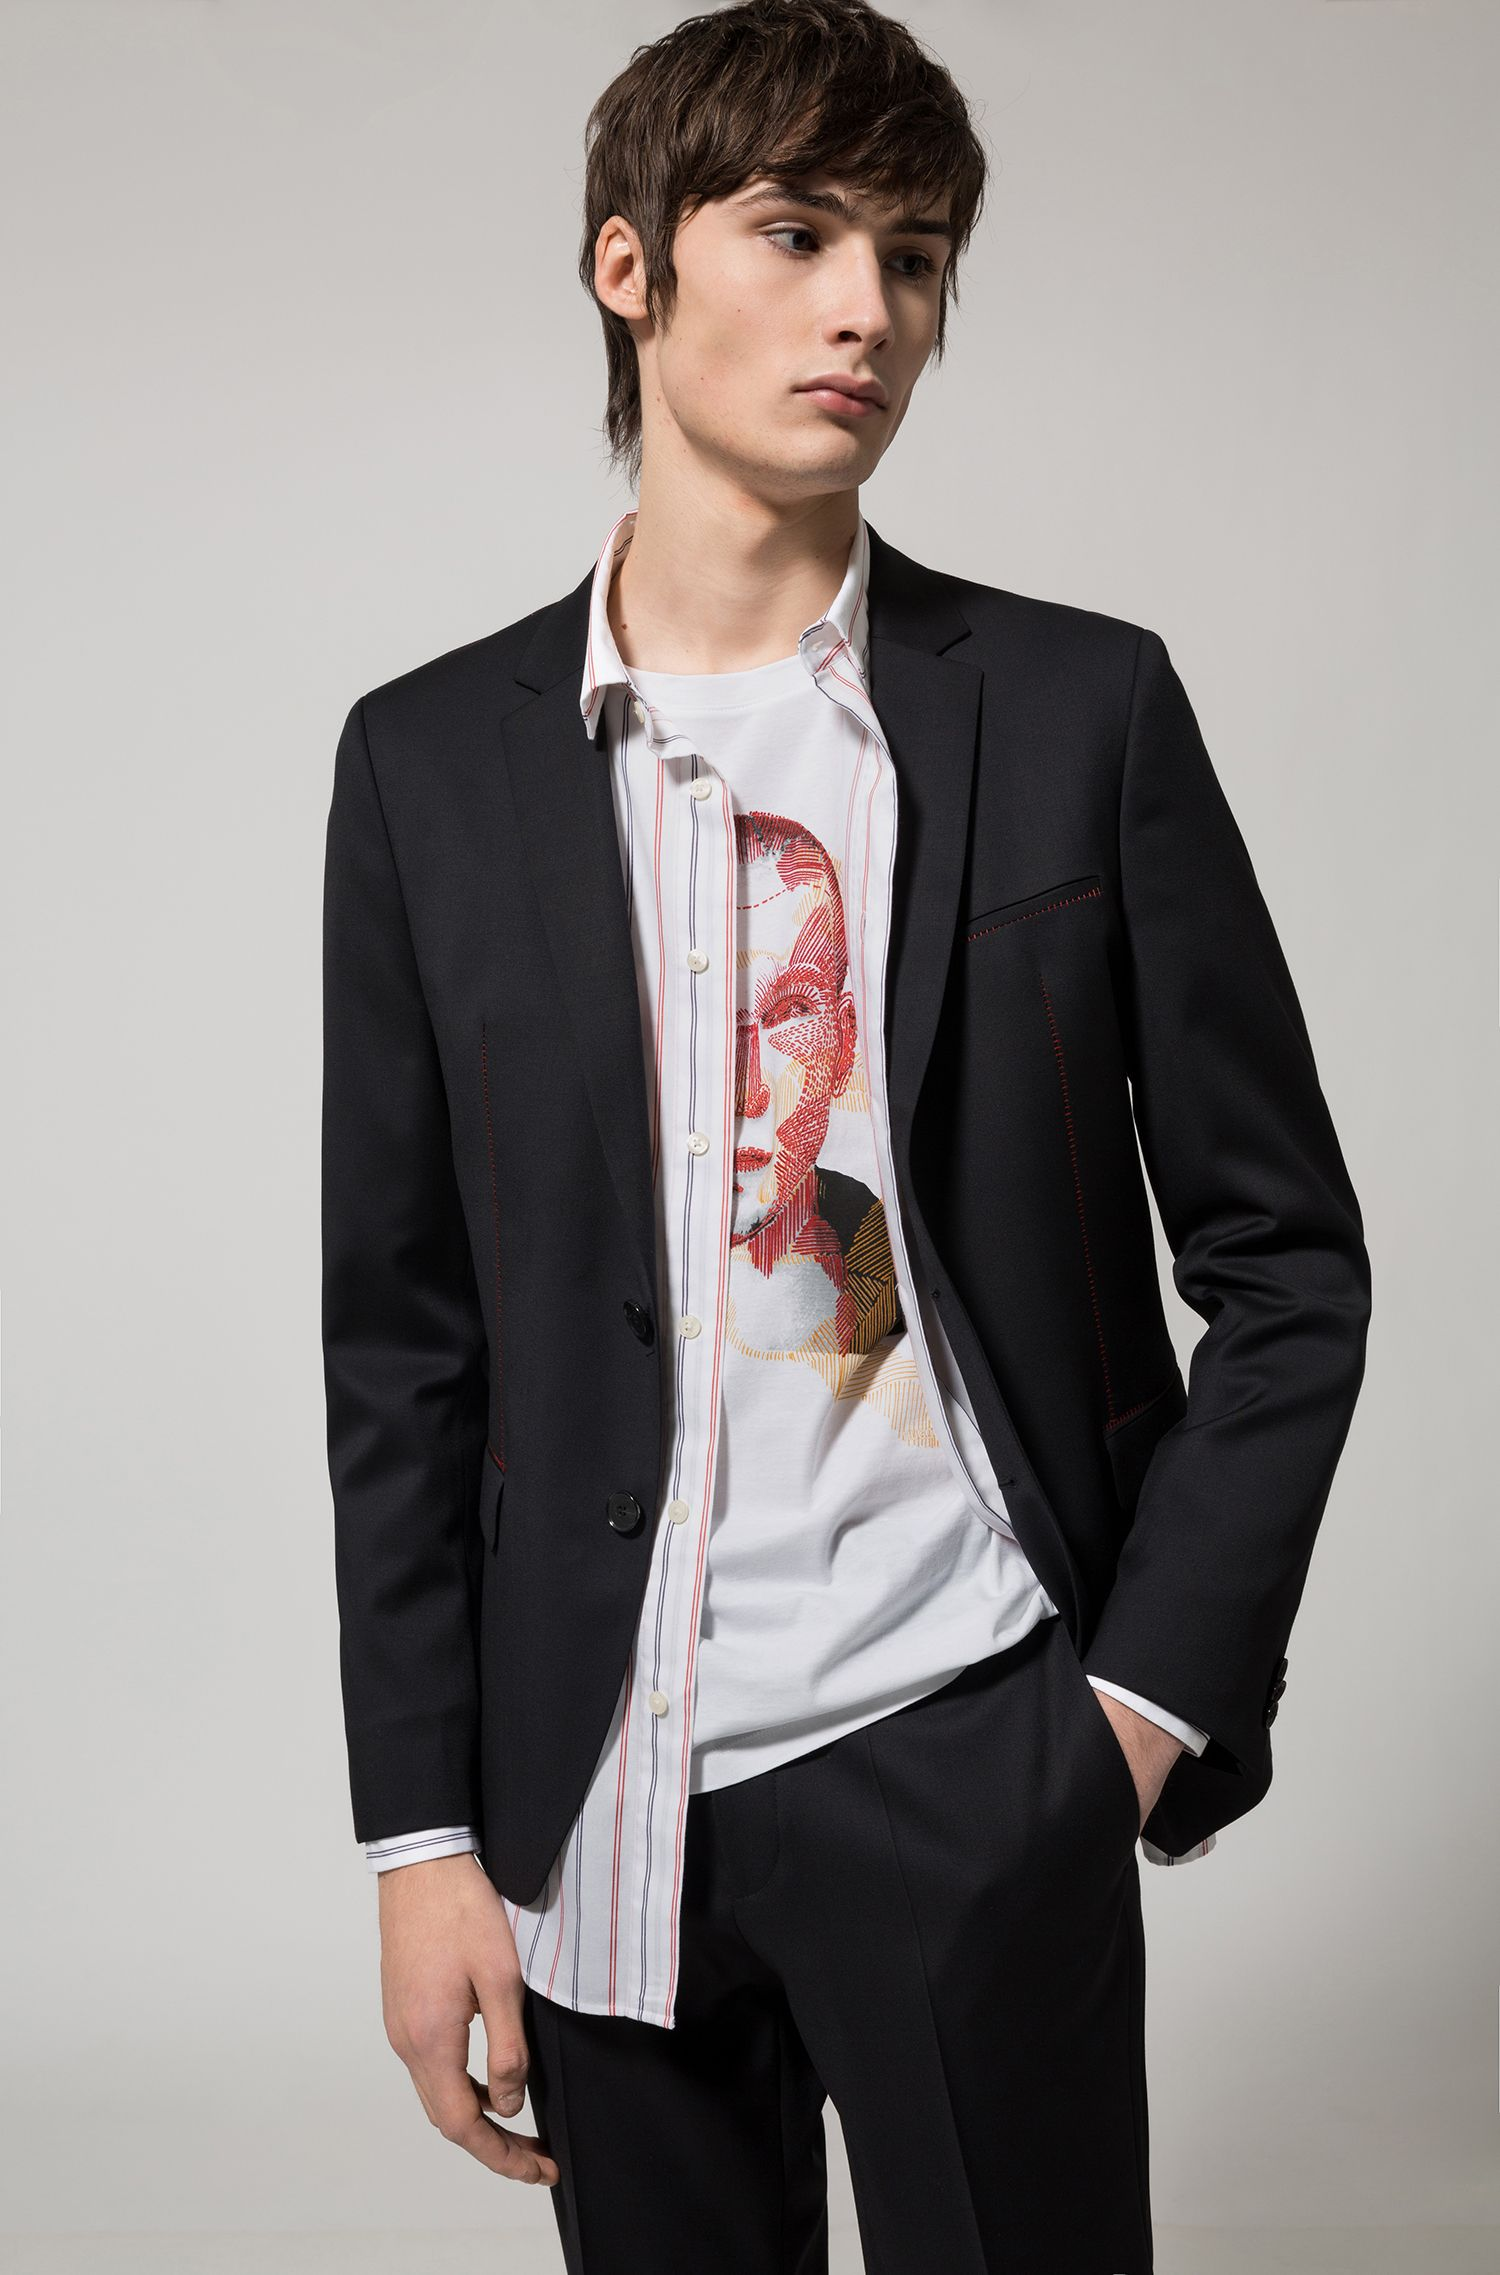 T-shirt Relaxed Fit en coton à motif artistique original